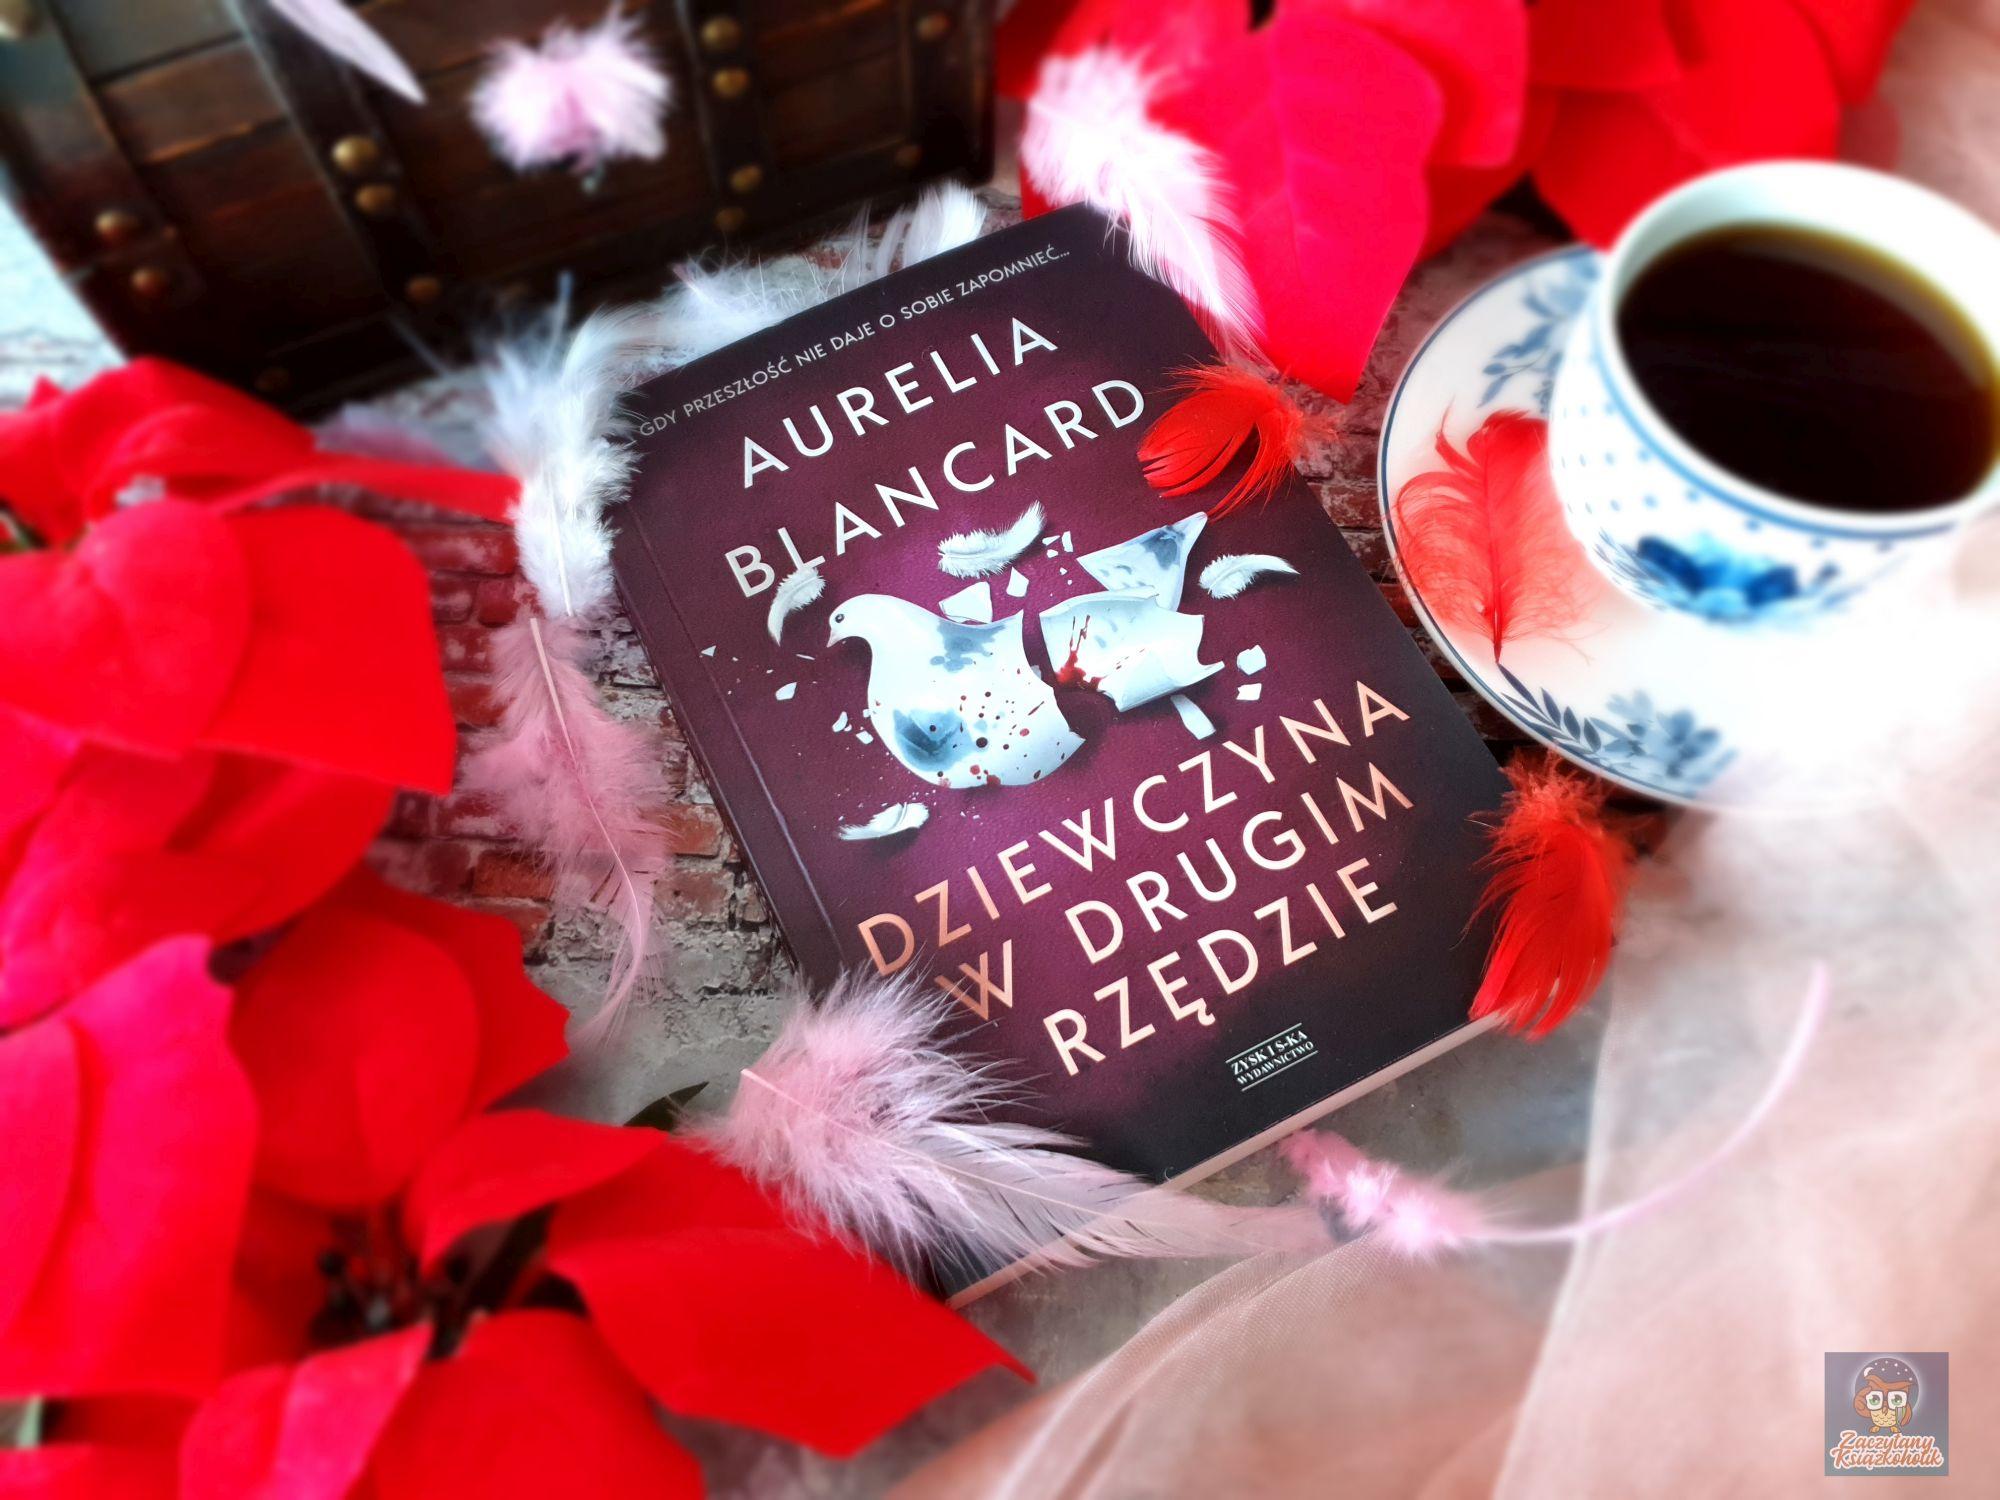 Dziewczyna w drugim rzędzie, Aurelia Blancard zaczytanyksiazkoholik.pl